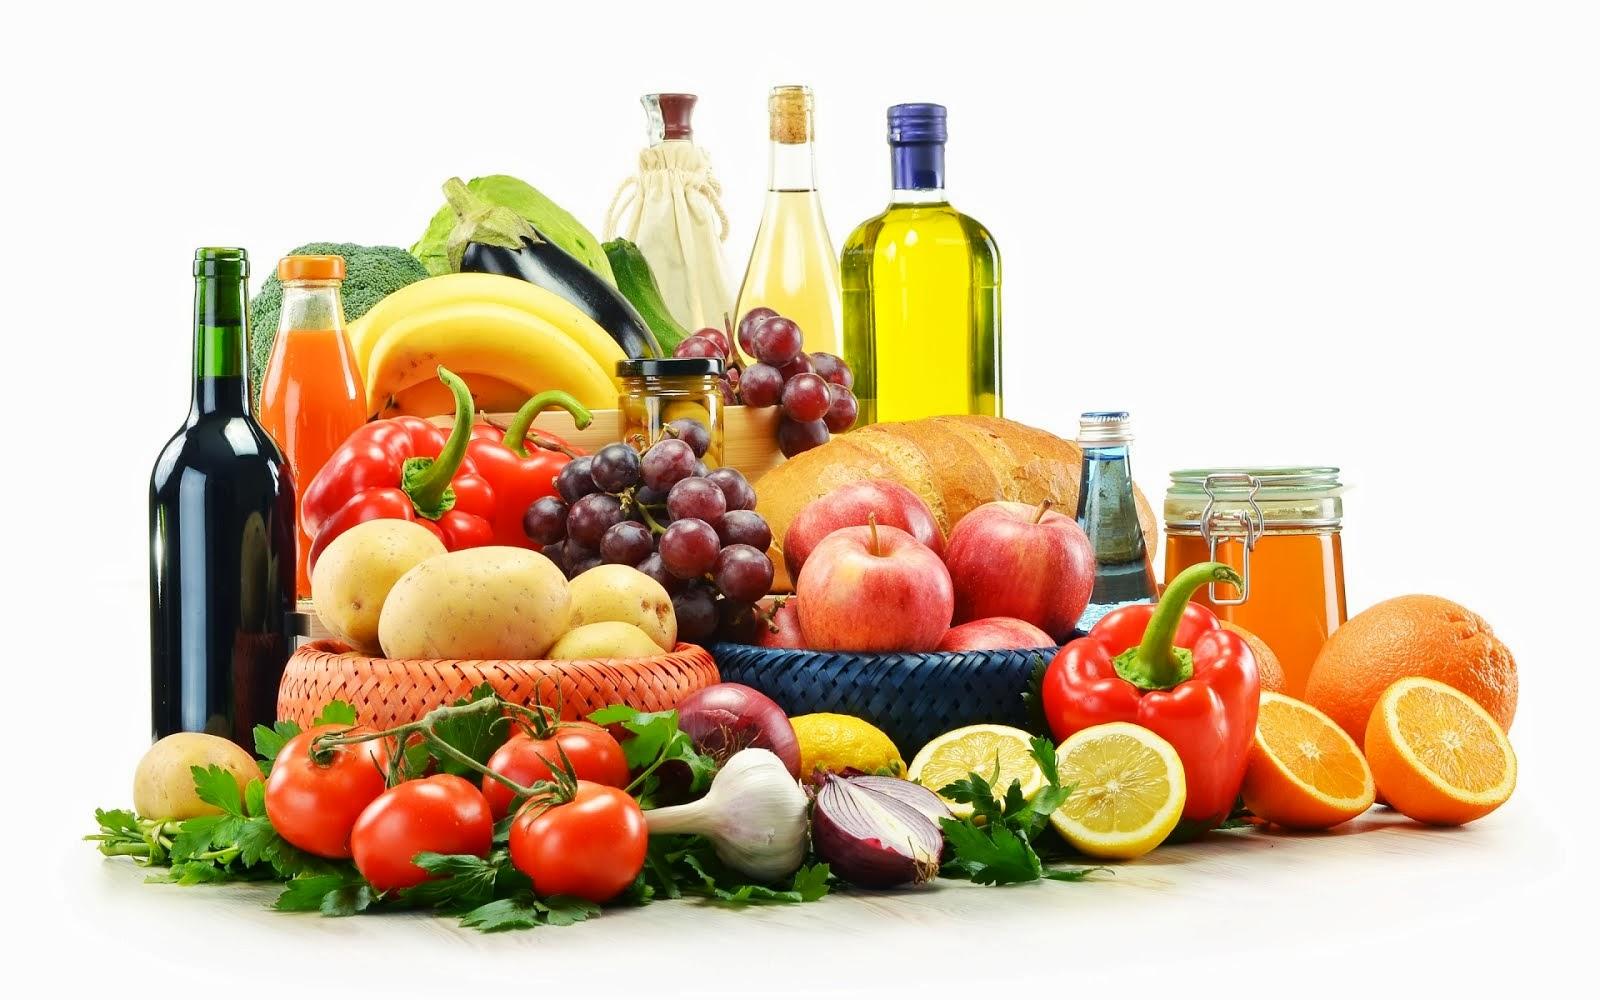 Dieta Settimanale Per Diabetici : Dieta mediterranea benefici cosa mangiare e menù settimanale